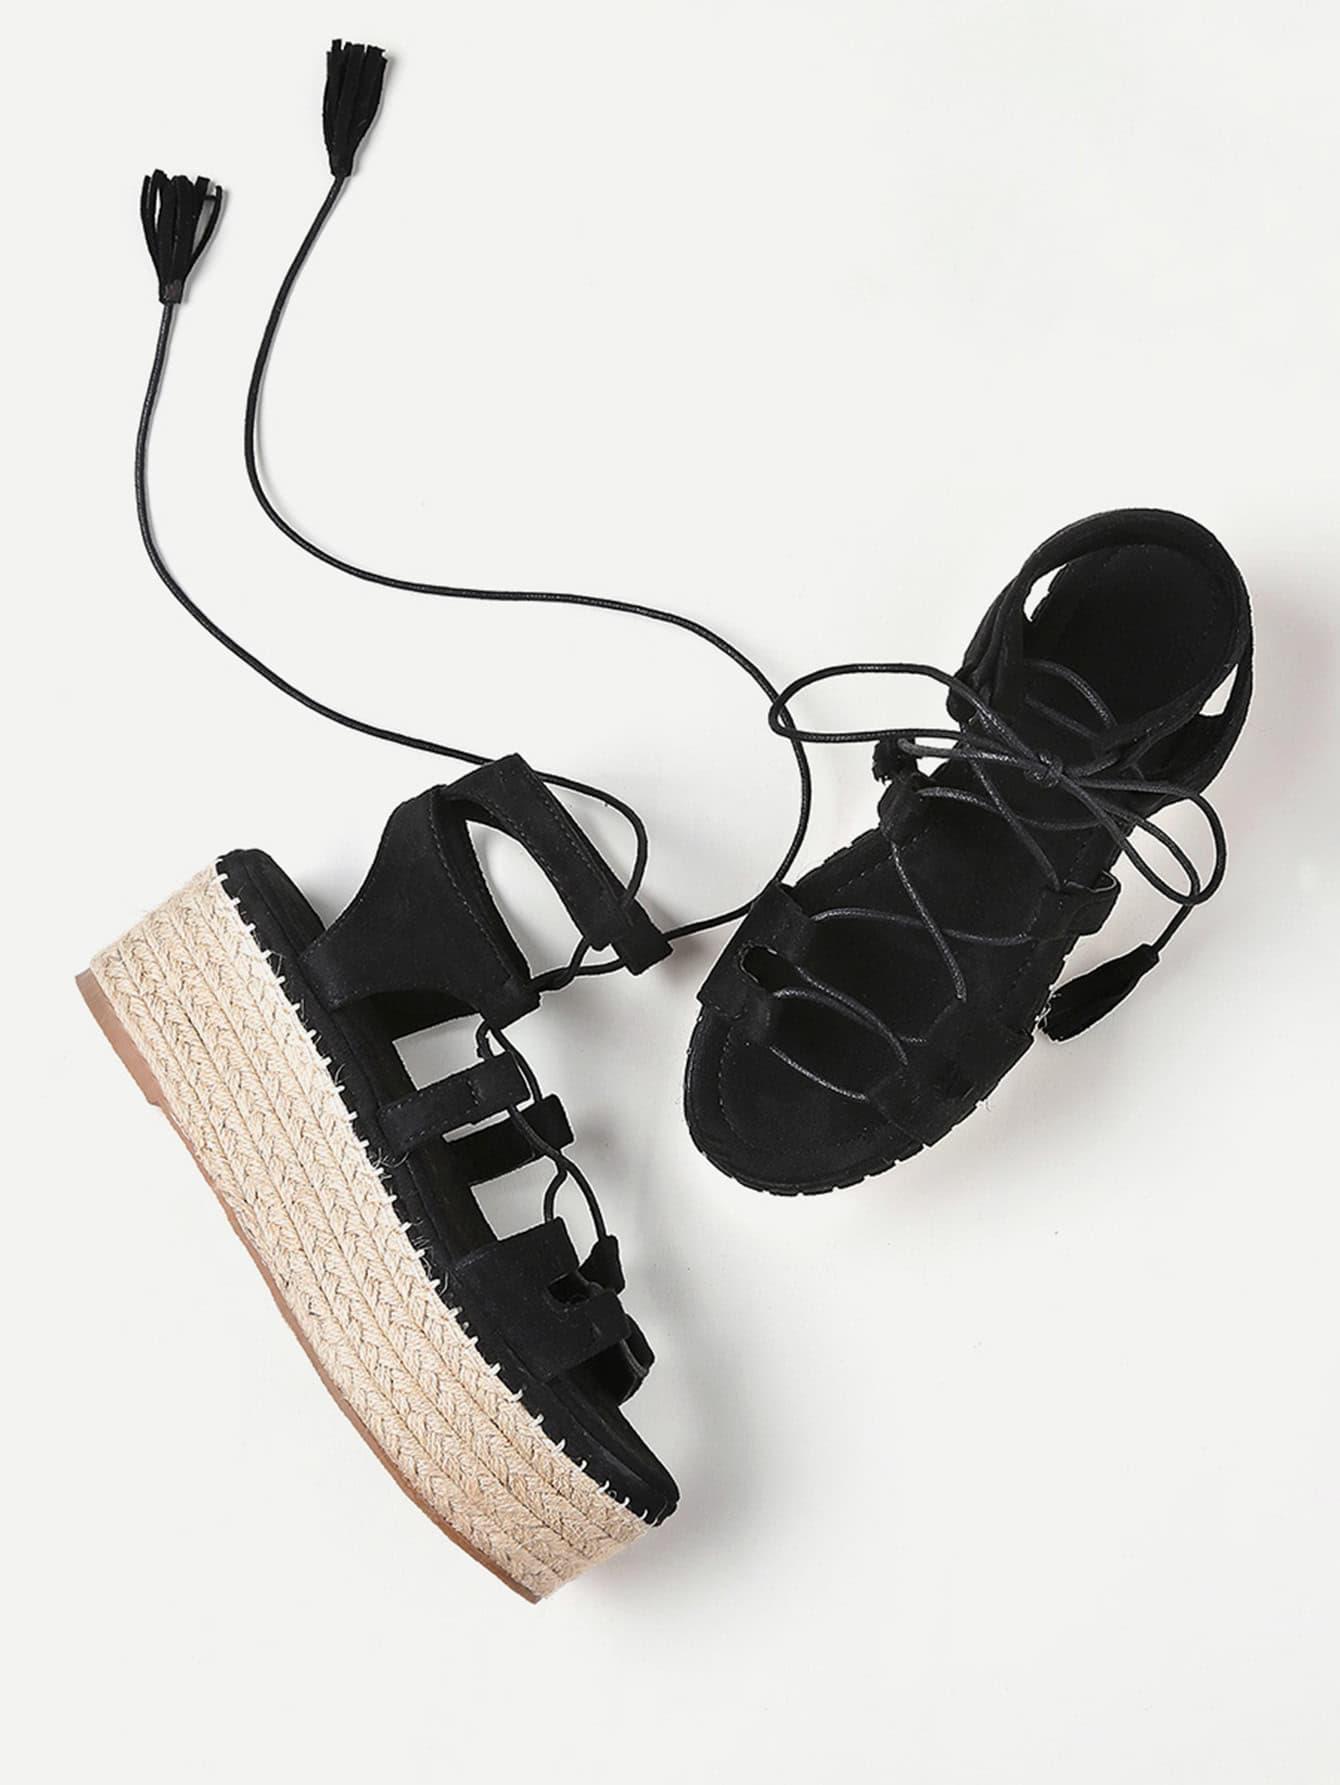 shoes170407803_2